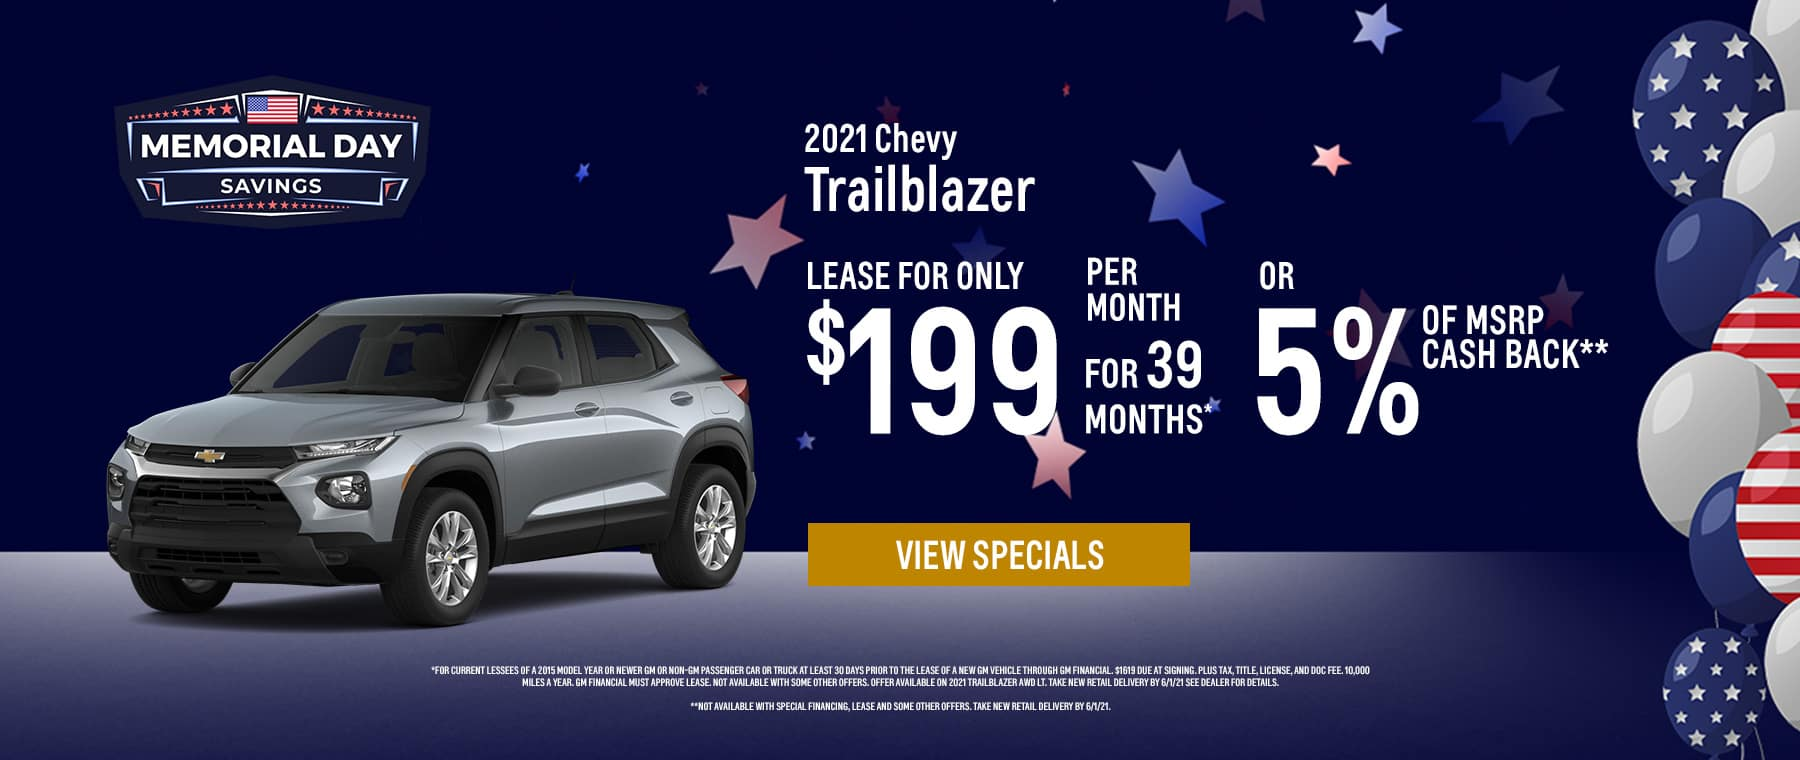 chevy trailblazer-1800×760-may21